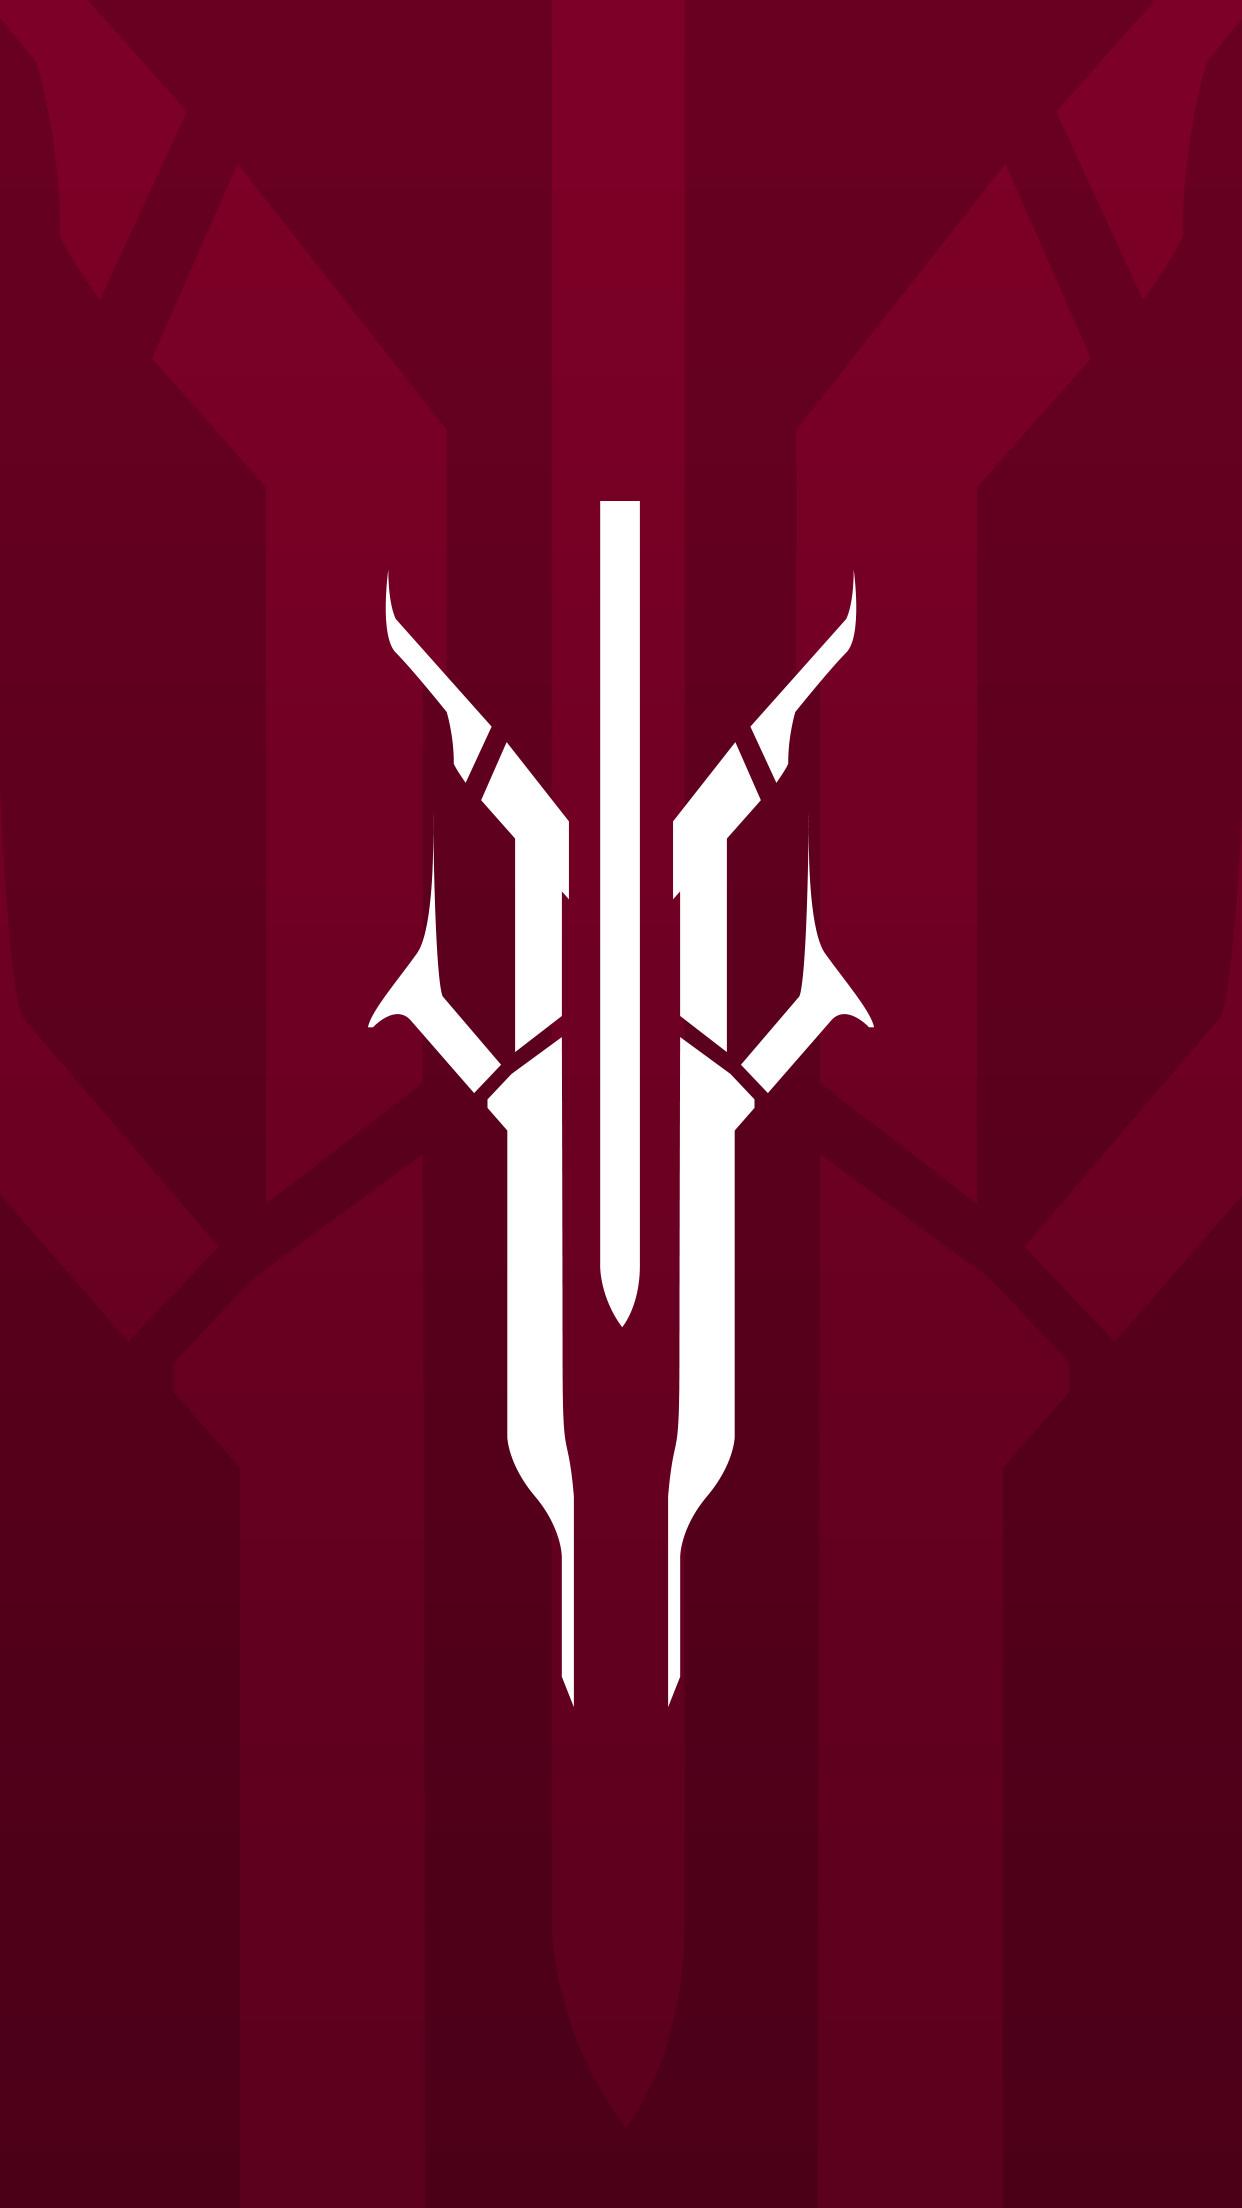 House of Devils – https://i.imgur.com/NOVGvQ7.png